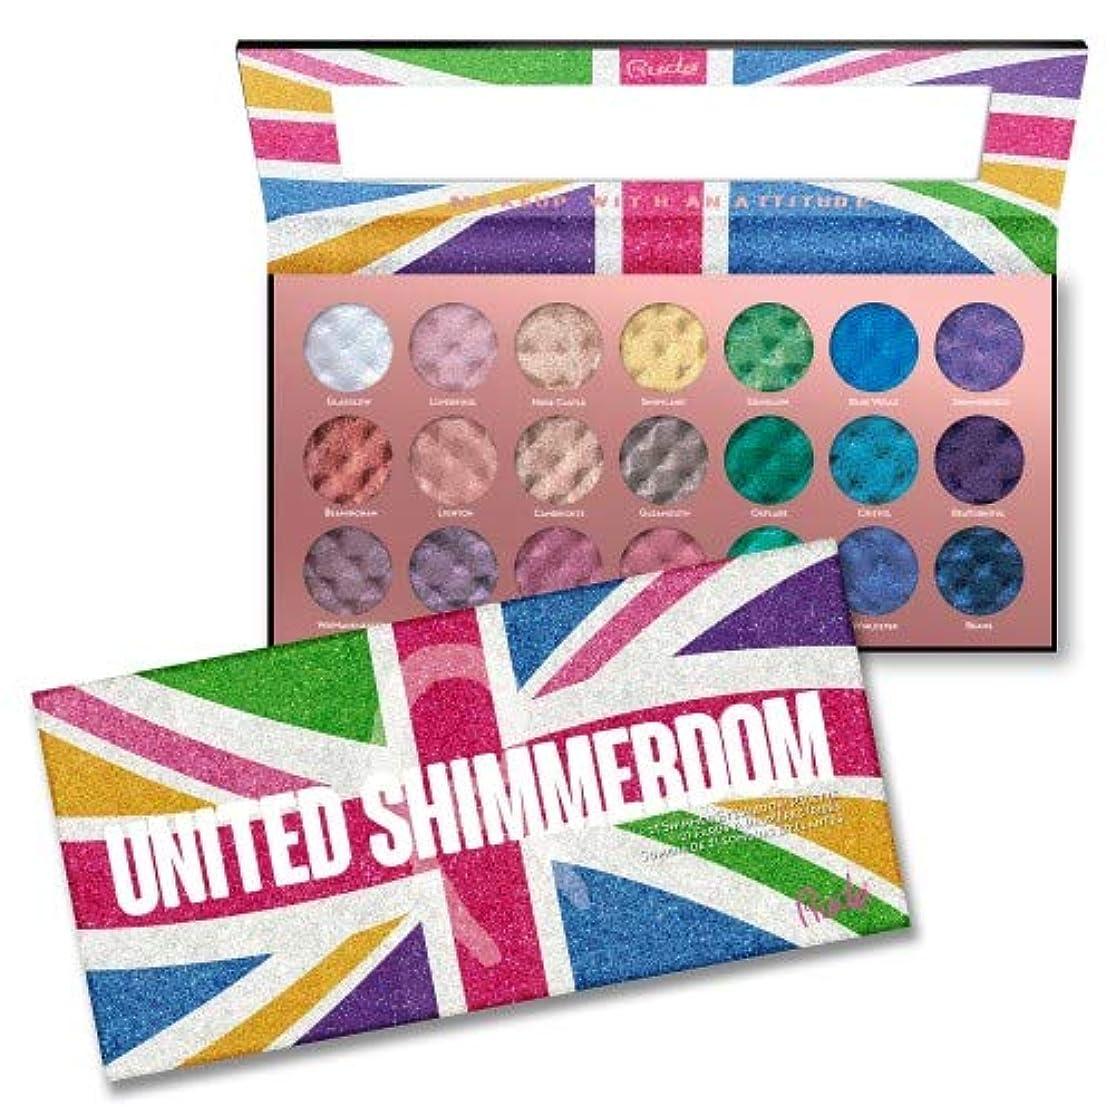 引き付ける自分巨大RUDE United Shimmerdom - 21 Shimmer Eyeshadow Palette (並行輸入品)